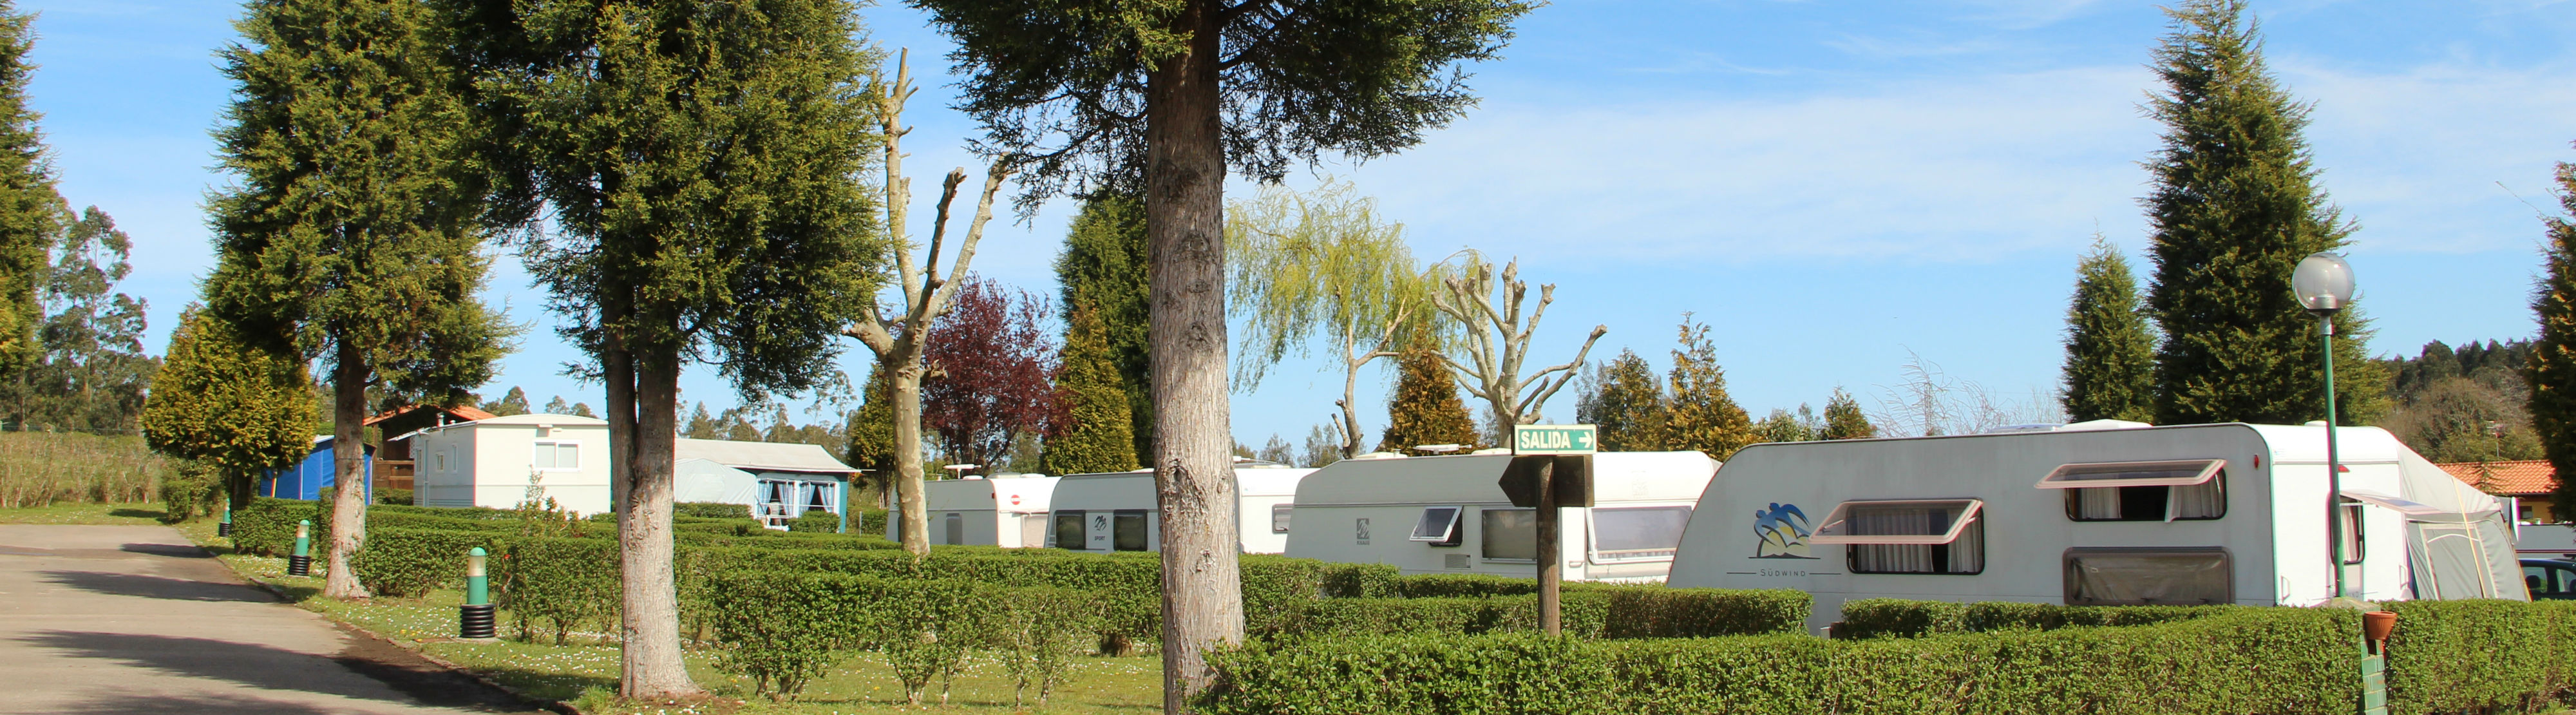 zona-acampada-caravanas